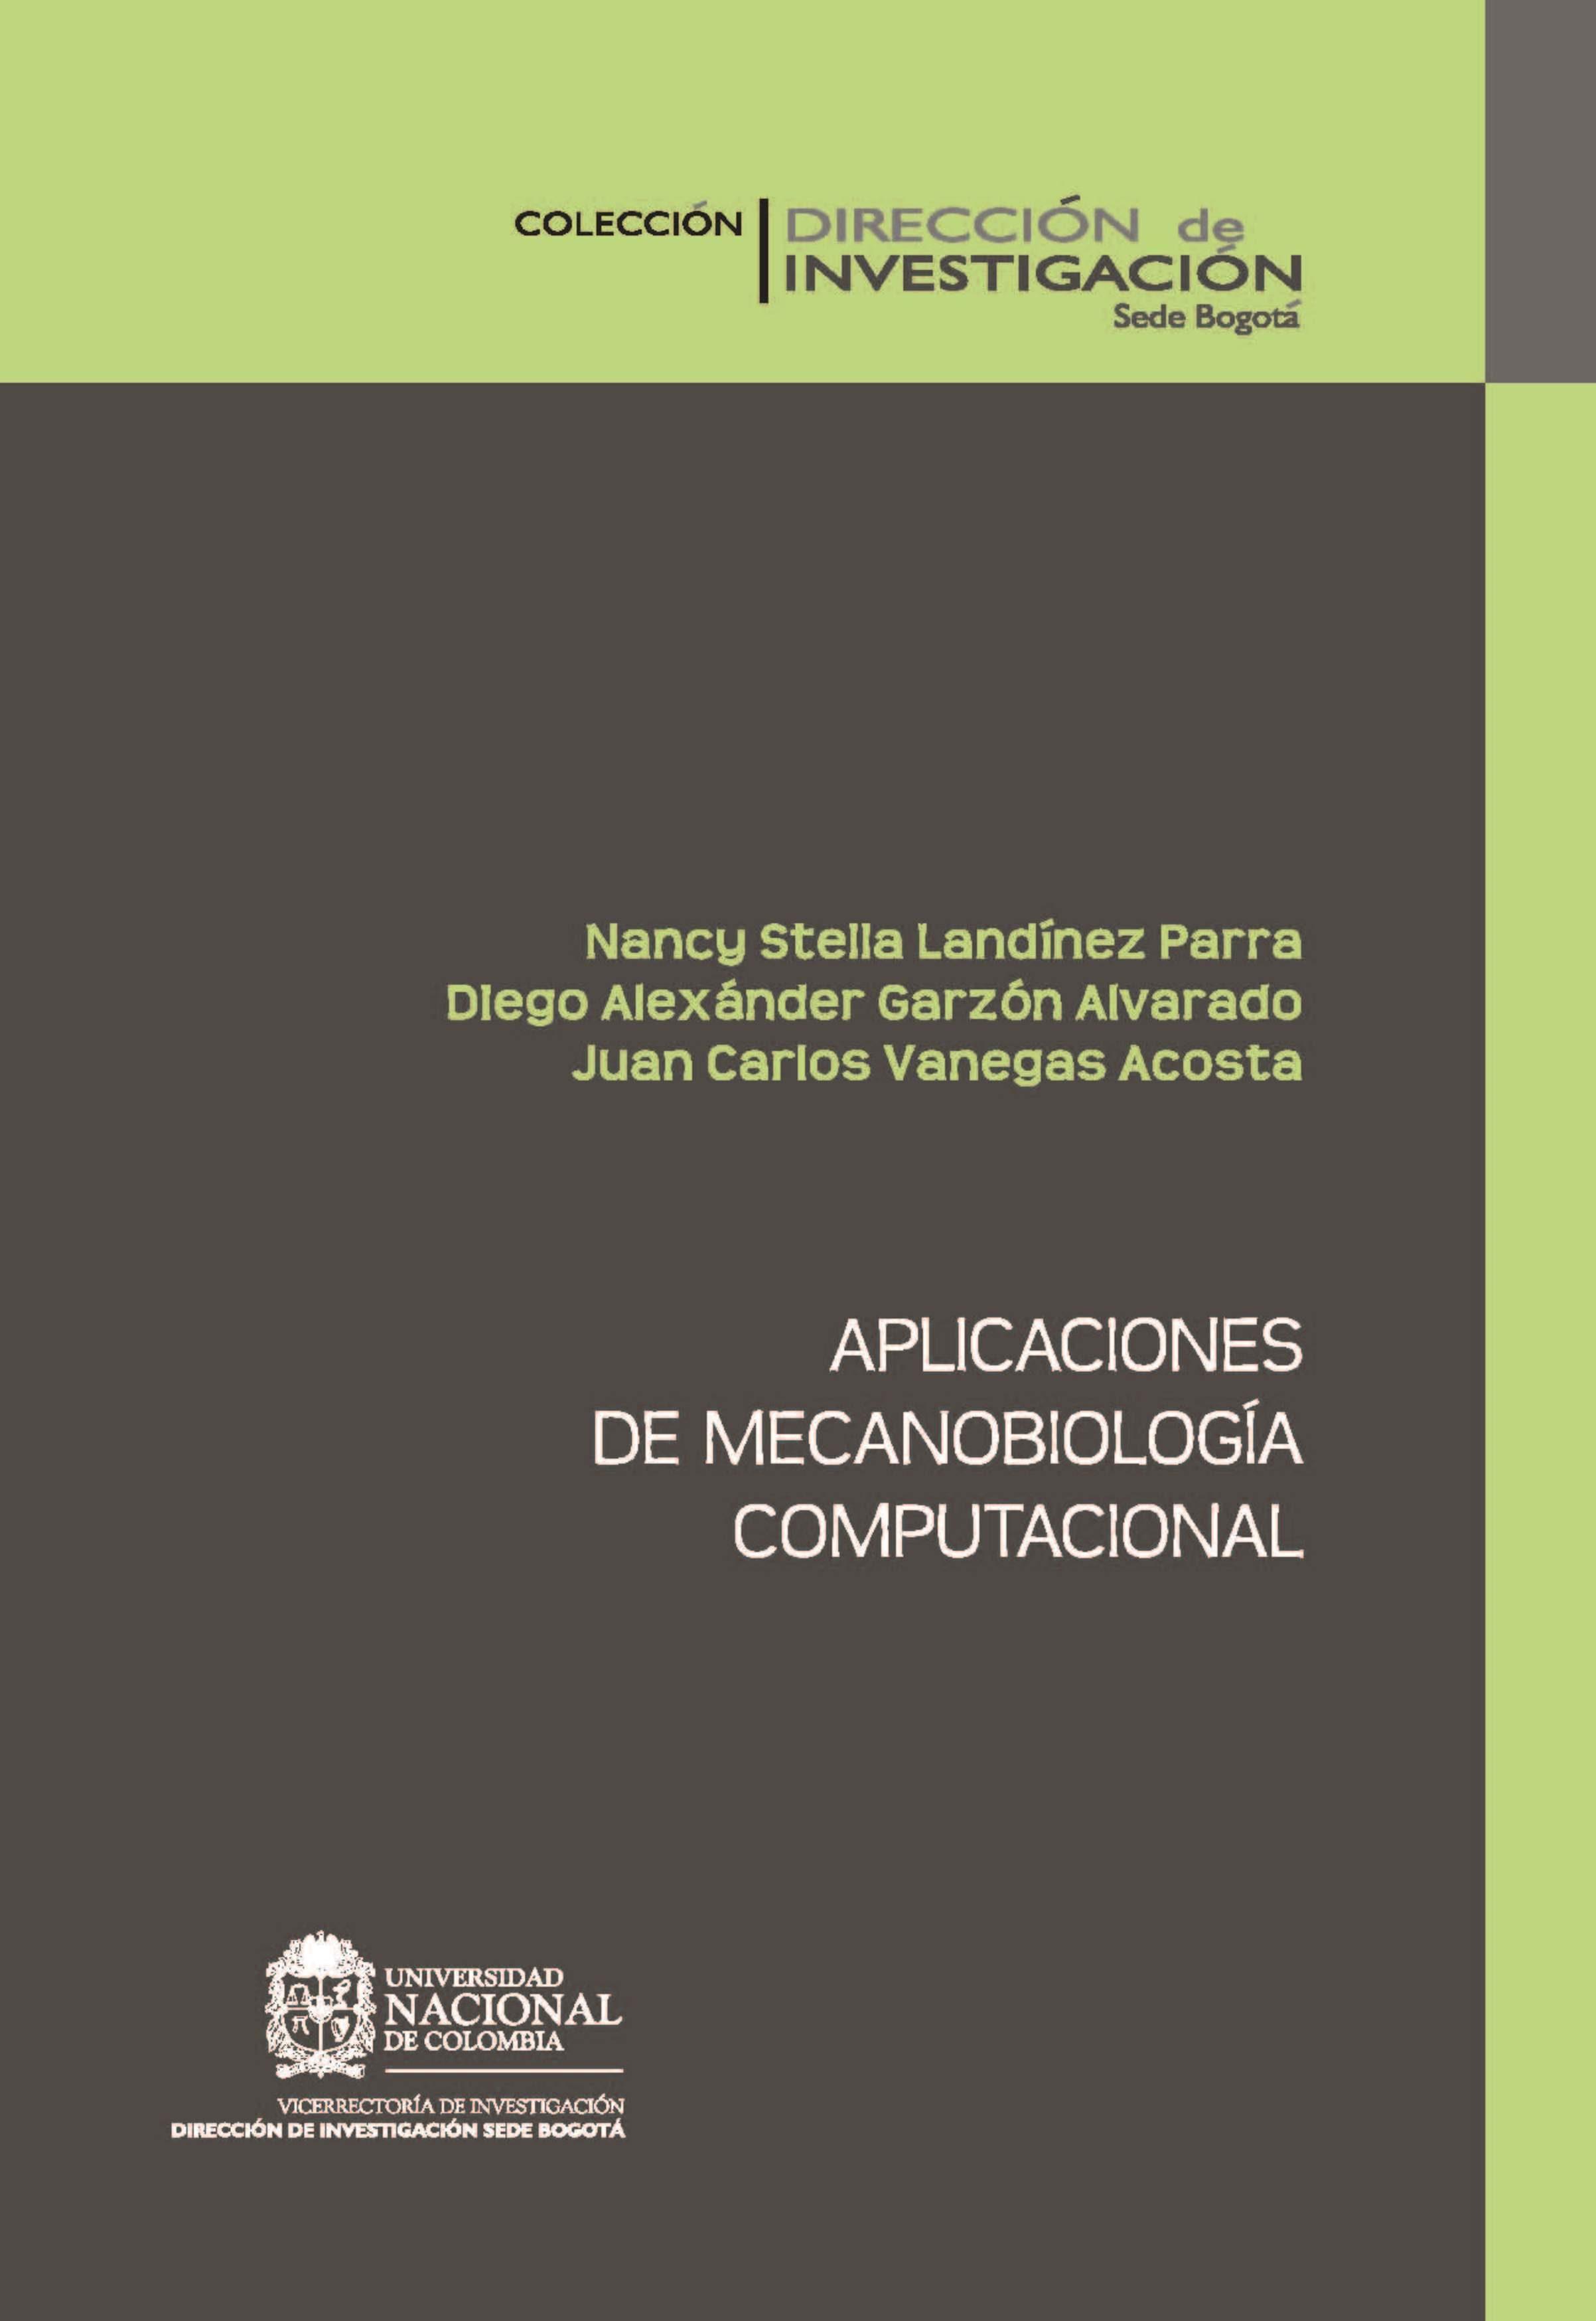 Aplicaciones De Mecanobiología Computacional   por Nancy Stella Landínez Parra, Diego Alexánder Garzón Alvarado, Juan Carlos Vanegas Acosta